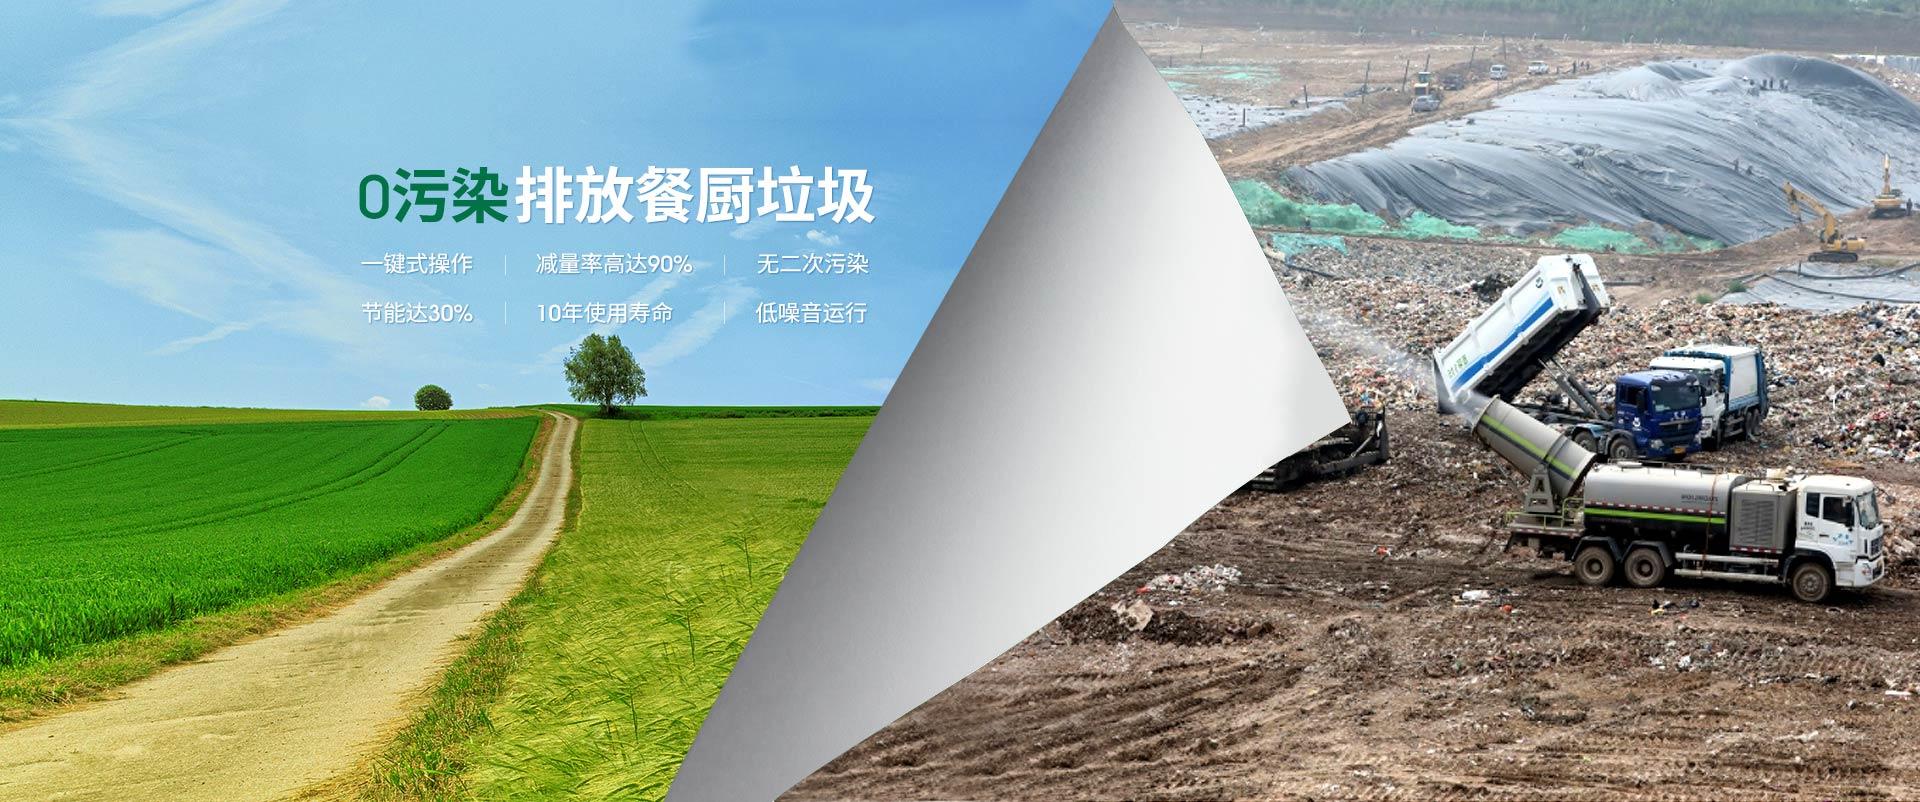 0污染排放餐廚垃圾-江蘇信達